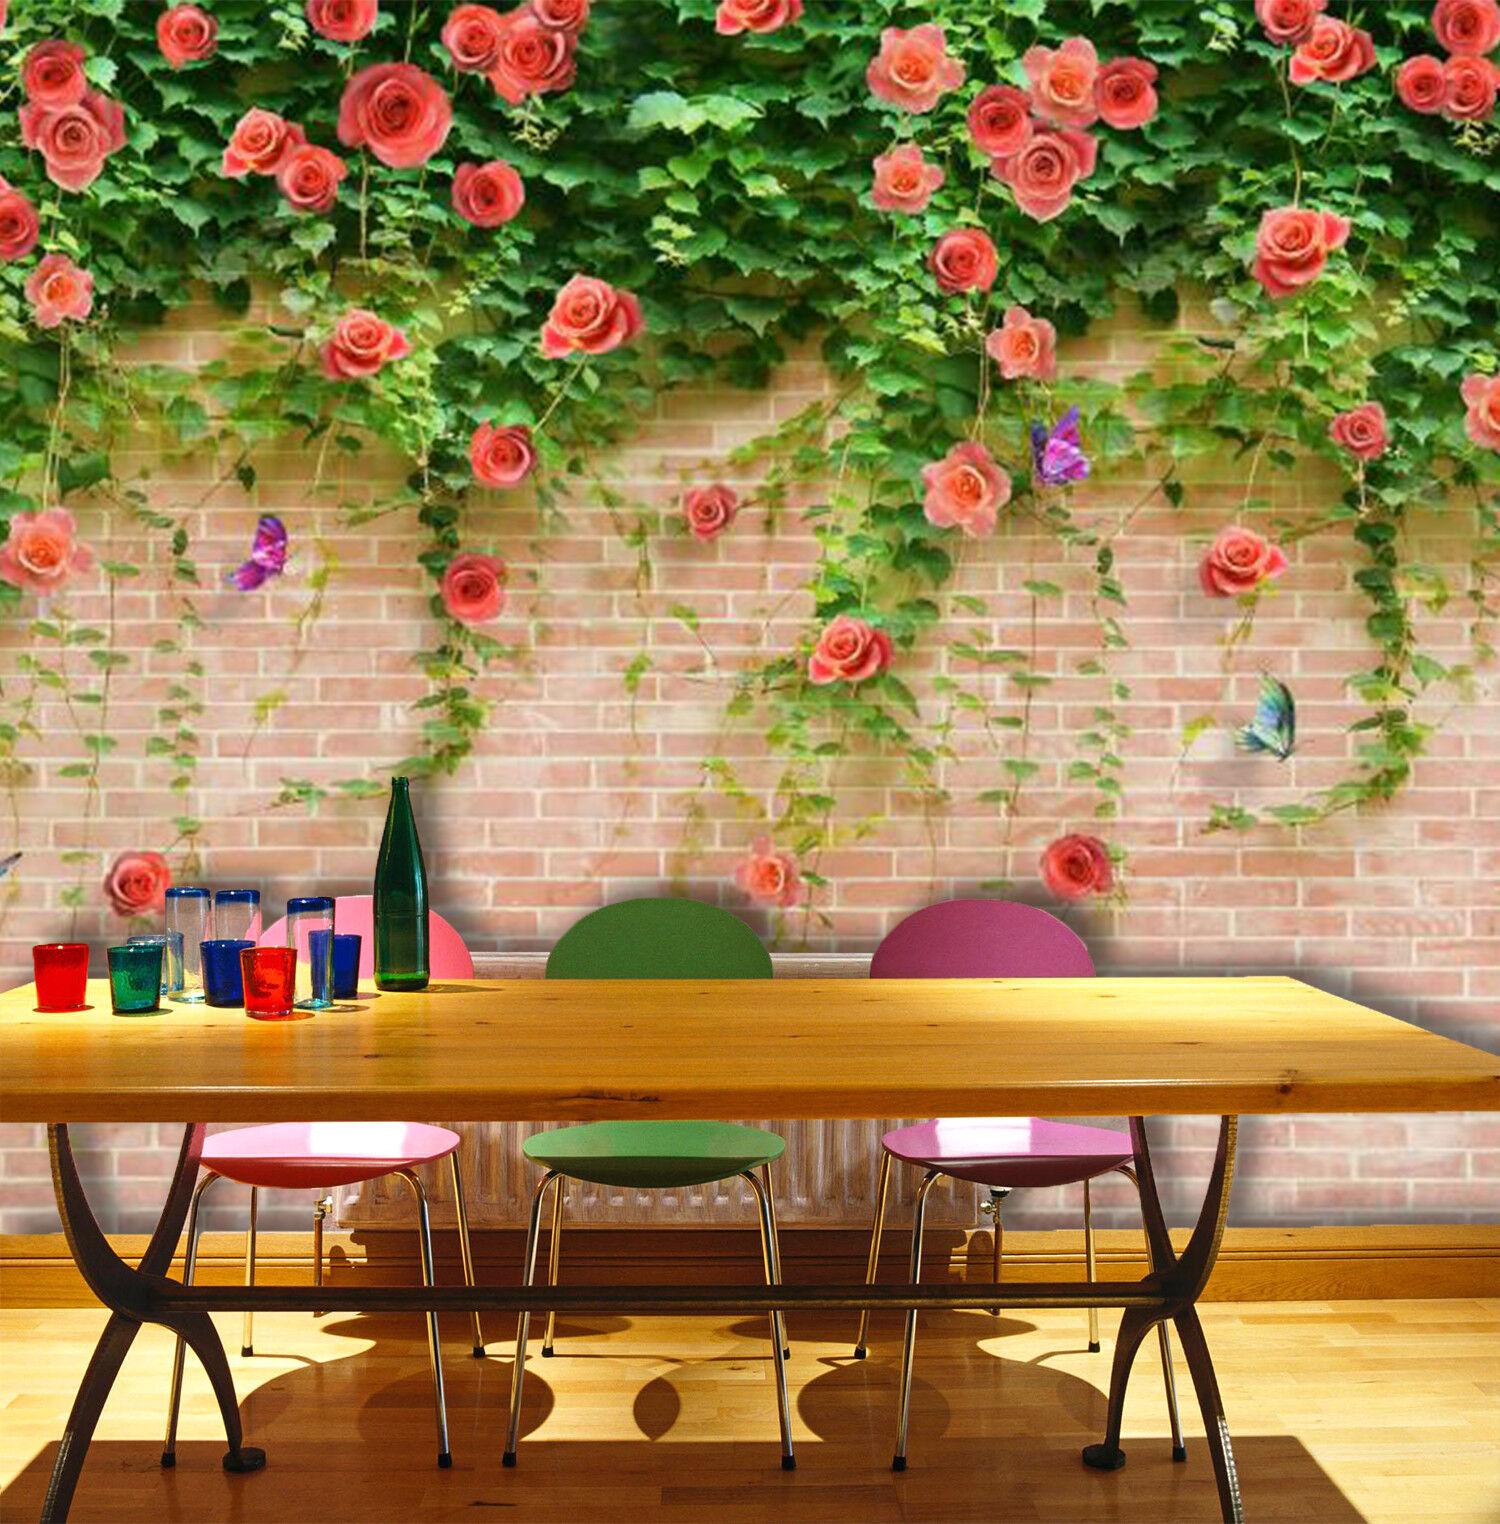 3D Flower Leaf 534 Wallpaper Murals Wall Print Wallpaper Mural AJ WALL UK Summer